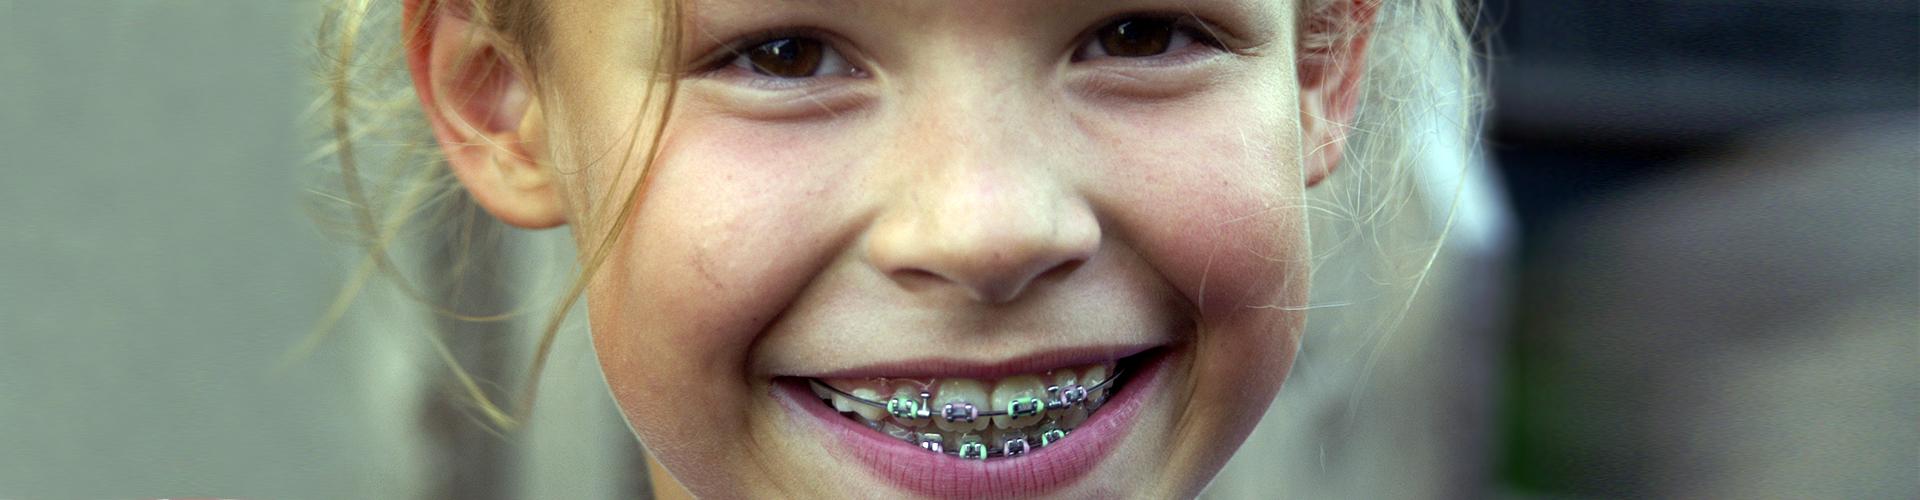 Исправление прикуса, выравнивание зубов у детей в Москве